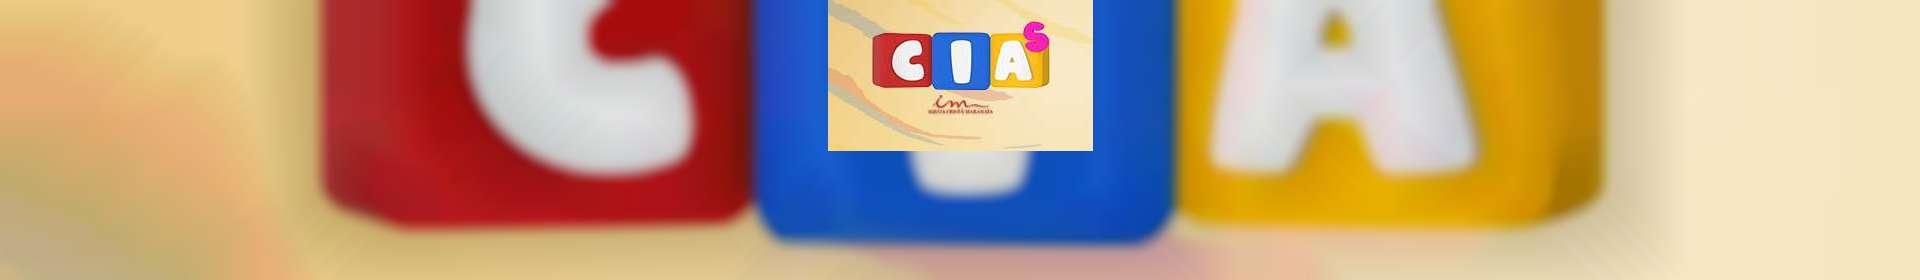 Aula de CIAS: classe de 11 a 15 anos - 09 de abril de 2020